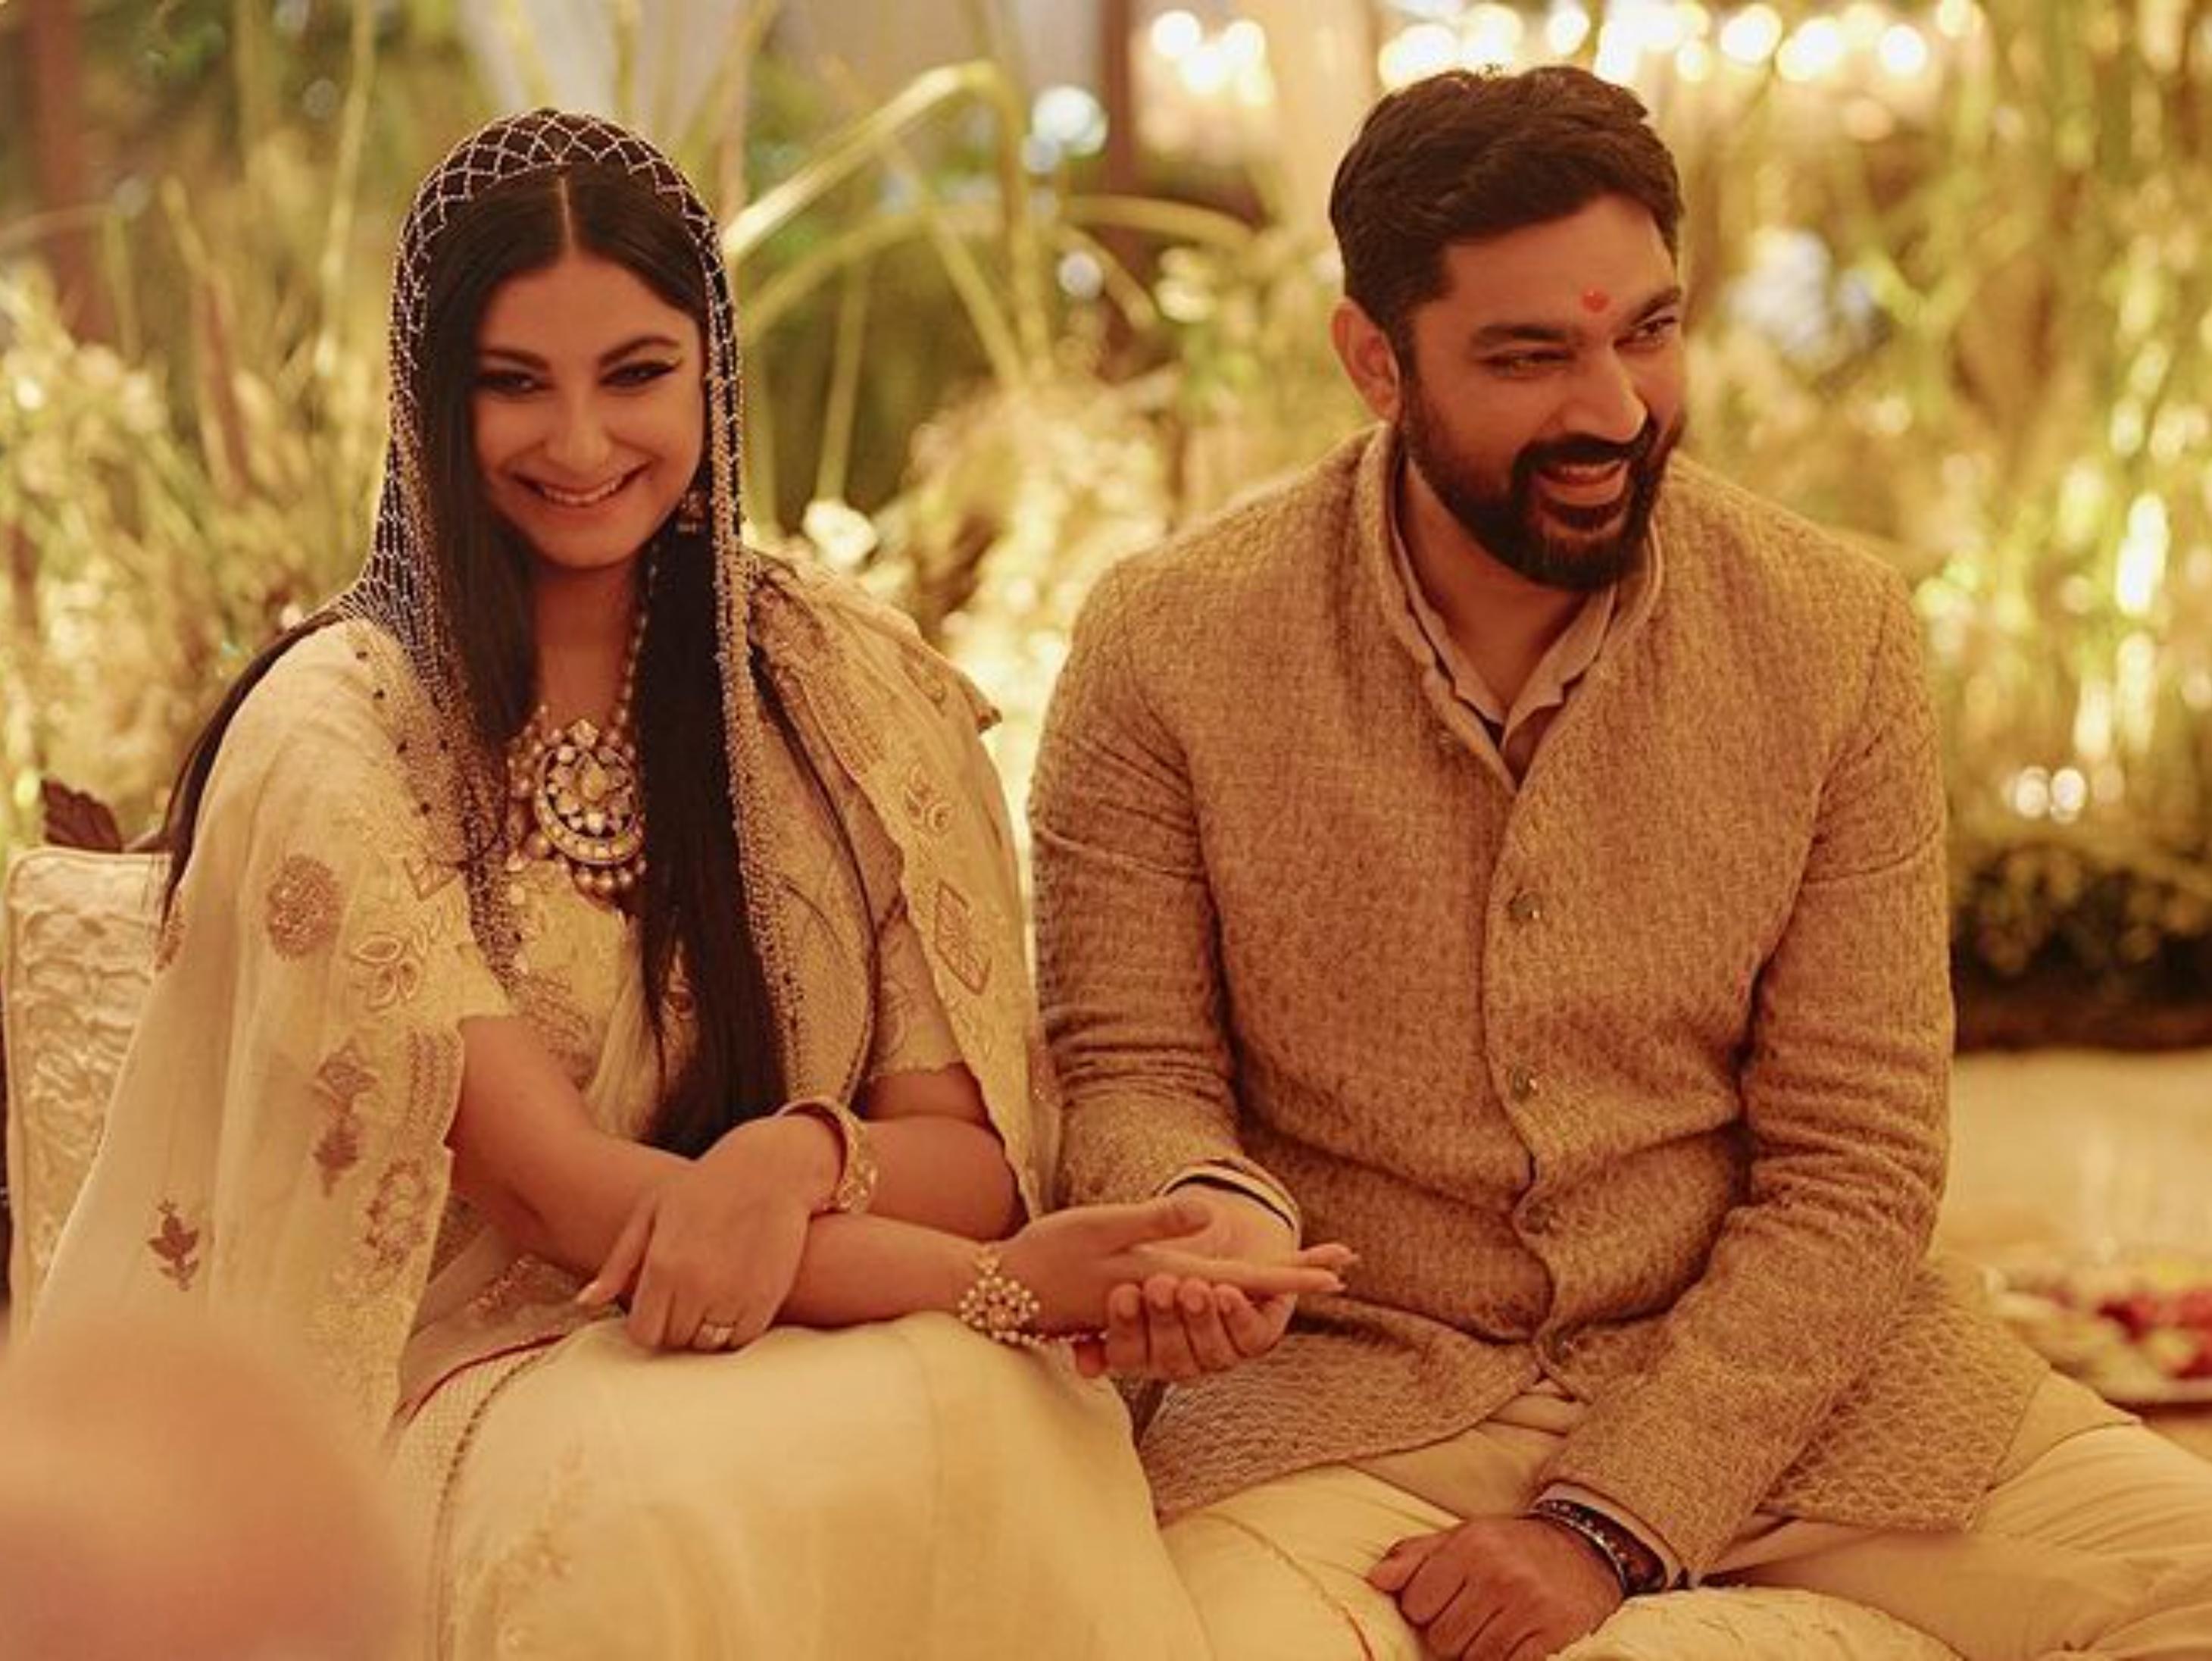 रिया कपूर को करवा चौथ में विश्वास नहीं है, इसलिए उससे जुड़ा कोई विज्ञापन भी नहीं करेंगी|बॉलीवुड,Bollywood - Dainik Bhaskar